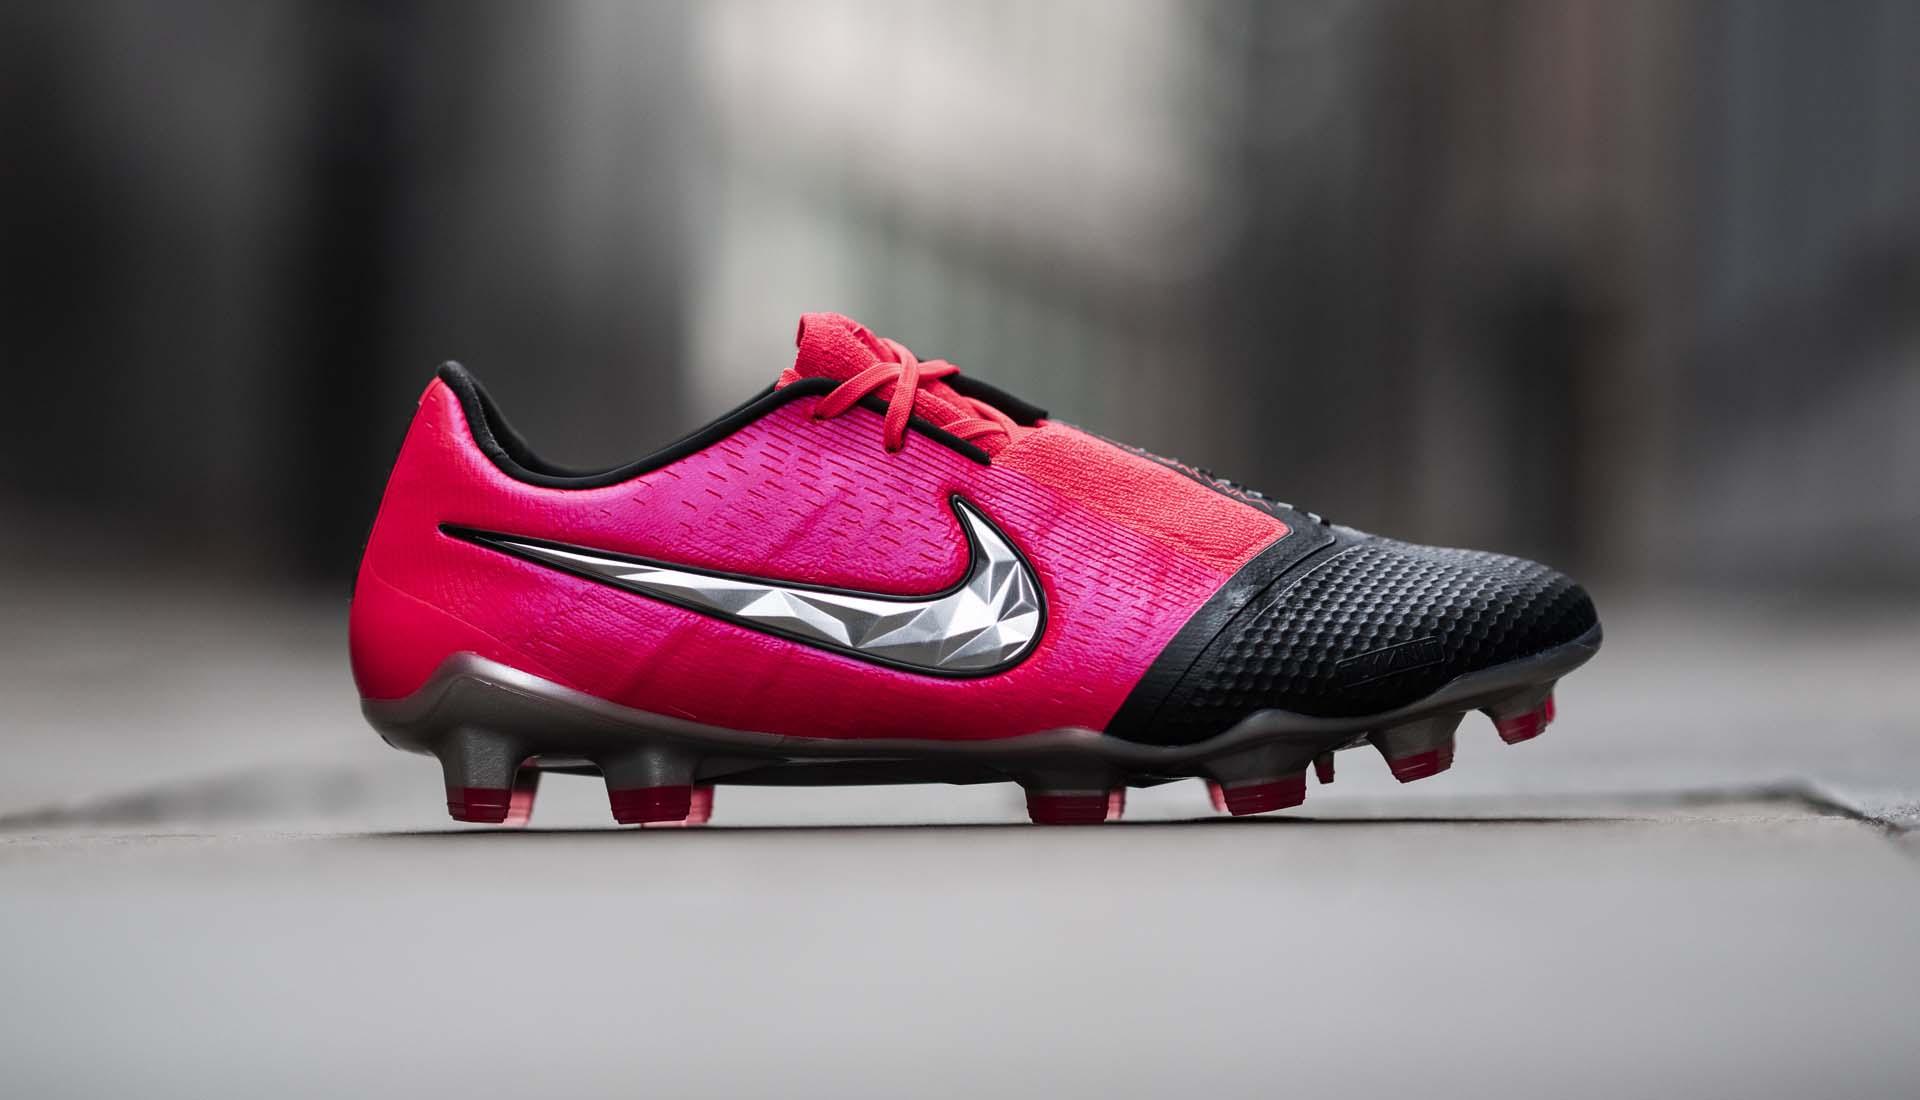 Nike Phantom VNM là dòng giày đá bóng hỗ trợ sút bóng tiền đạo